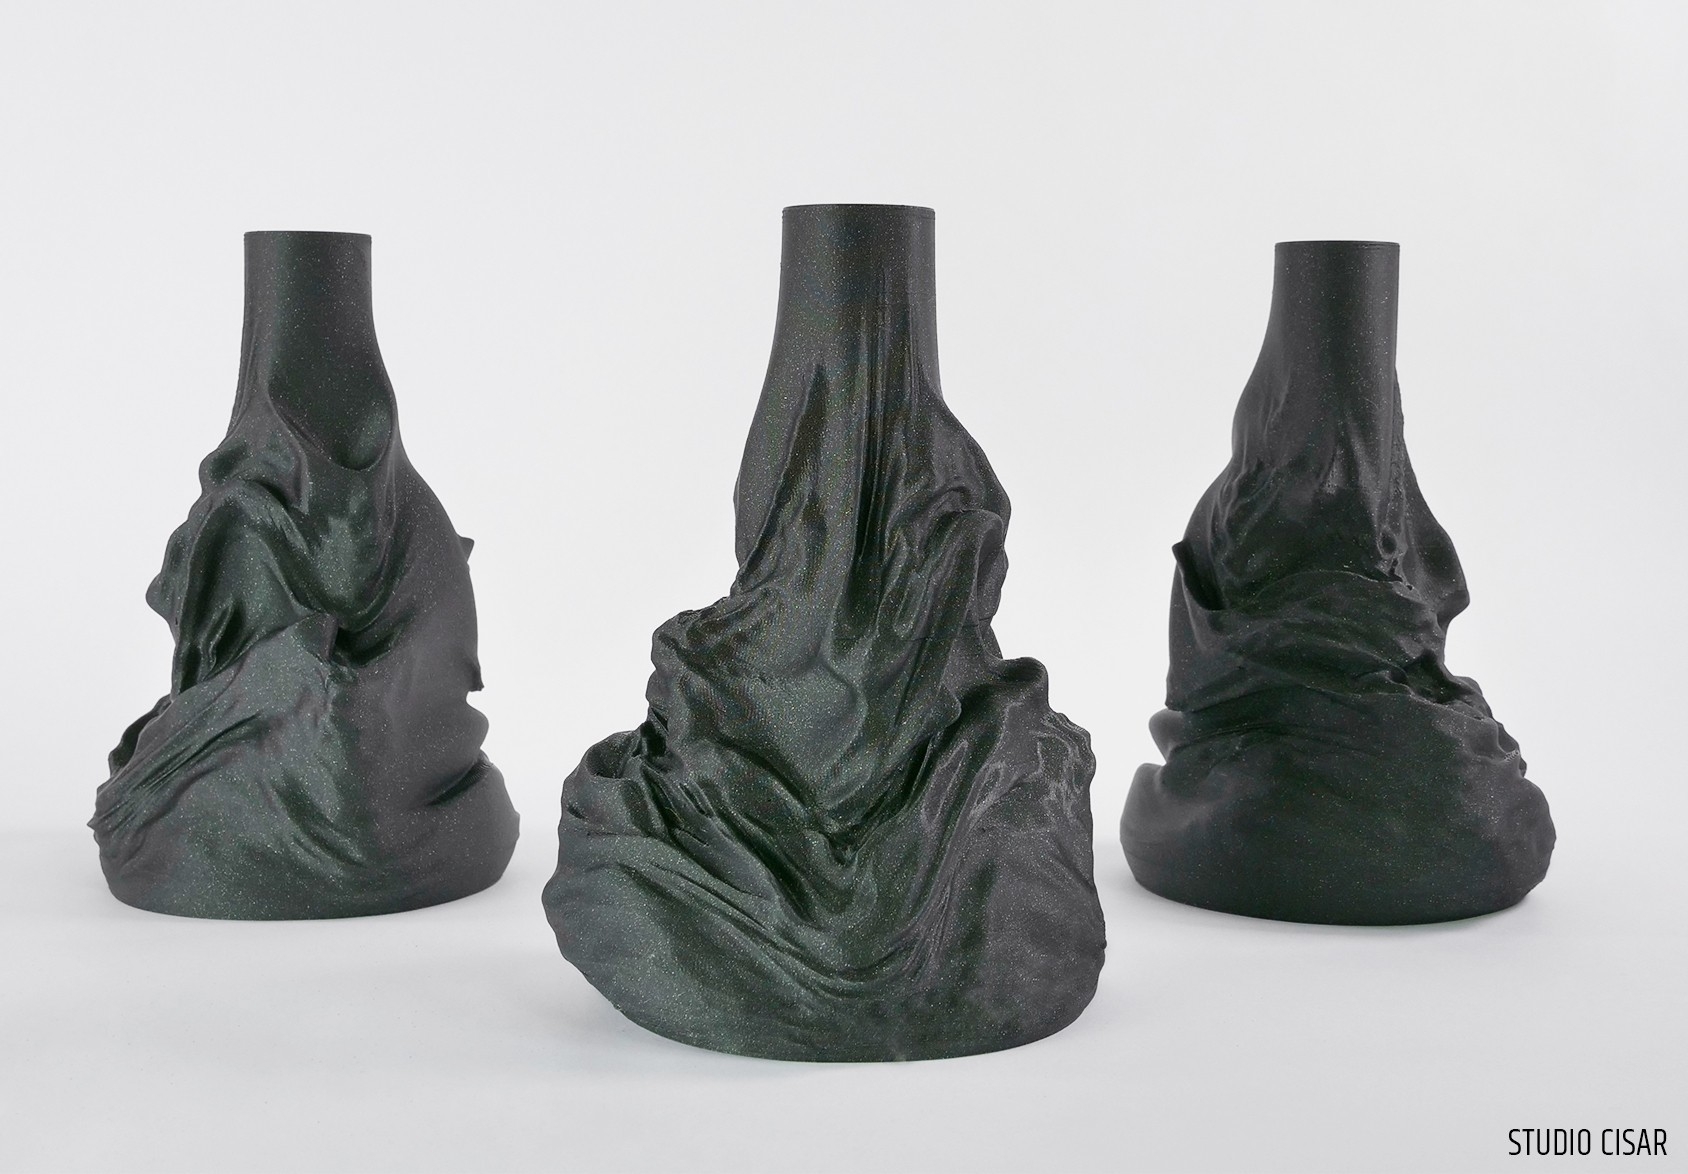 VASE 3_01.jpg Download STL file Fume Vase • 3D printable design, cisardom